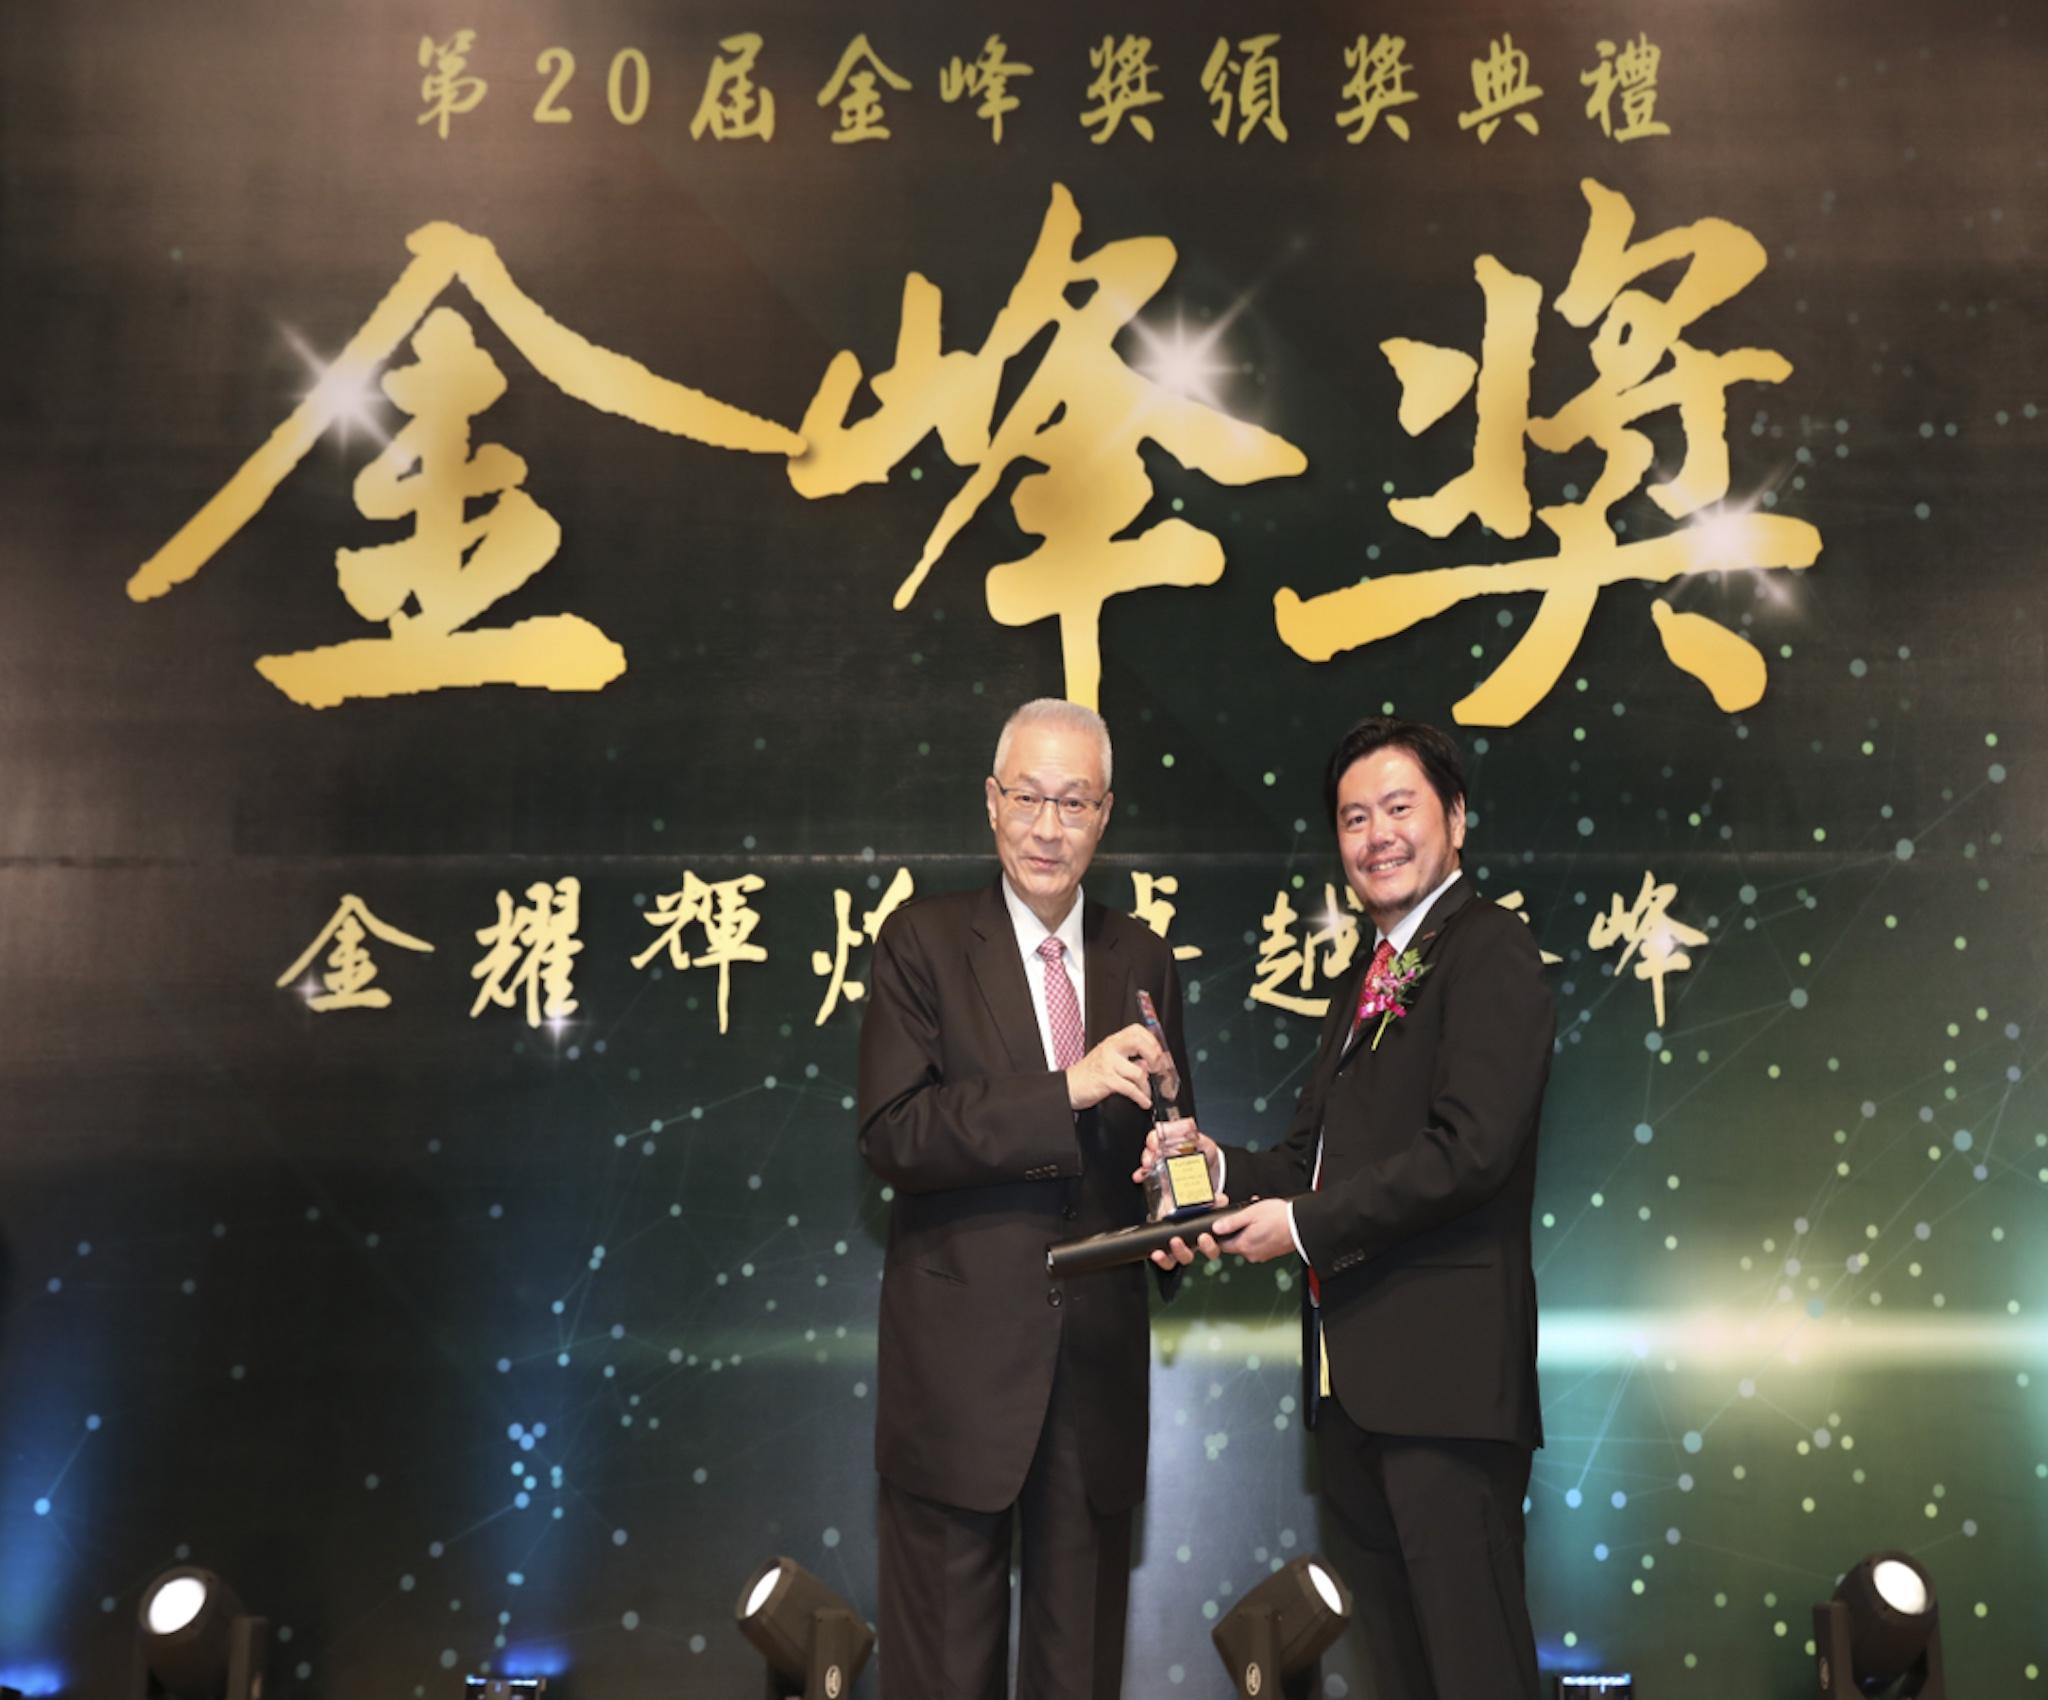 「台灣戴姆勒亞洲商車」執行長王立山代表領獎。